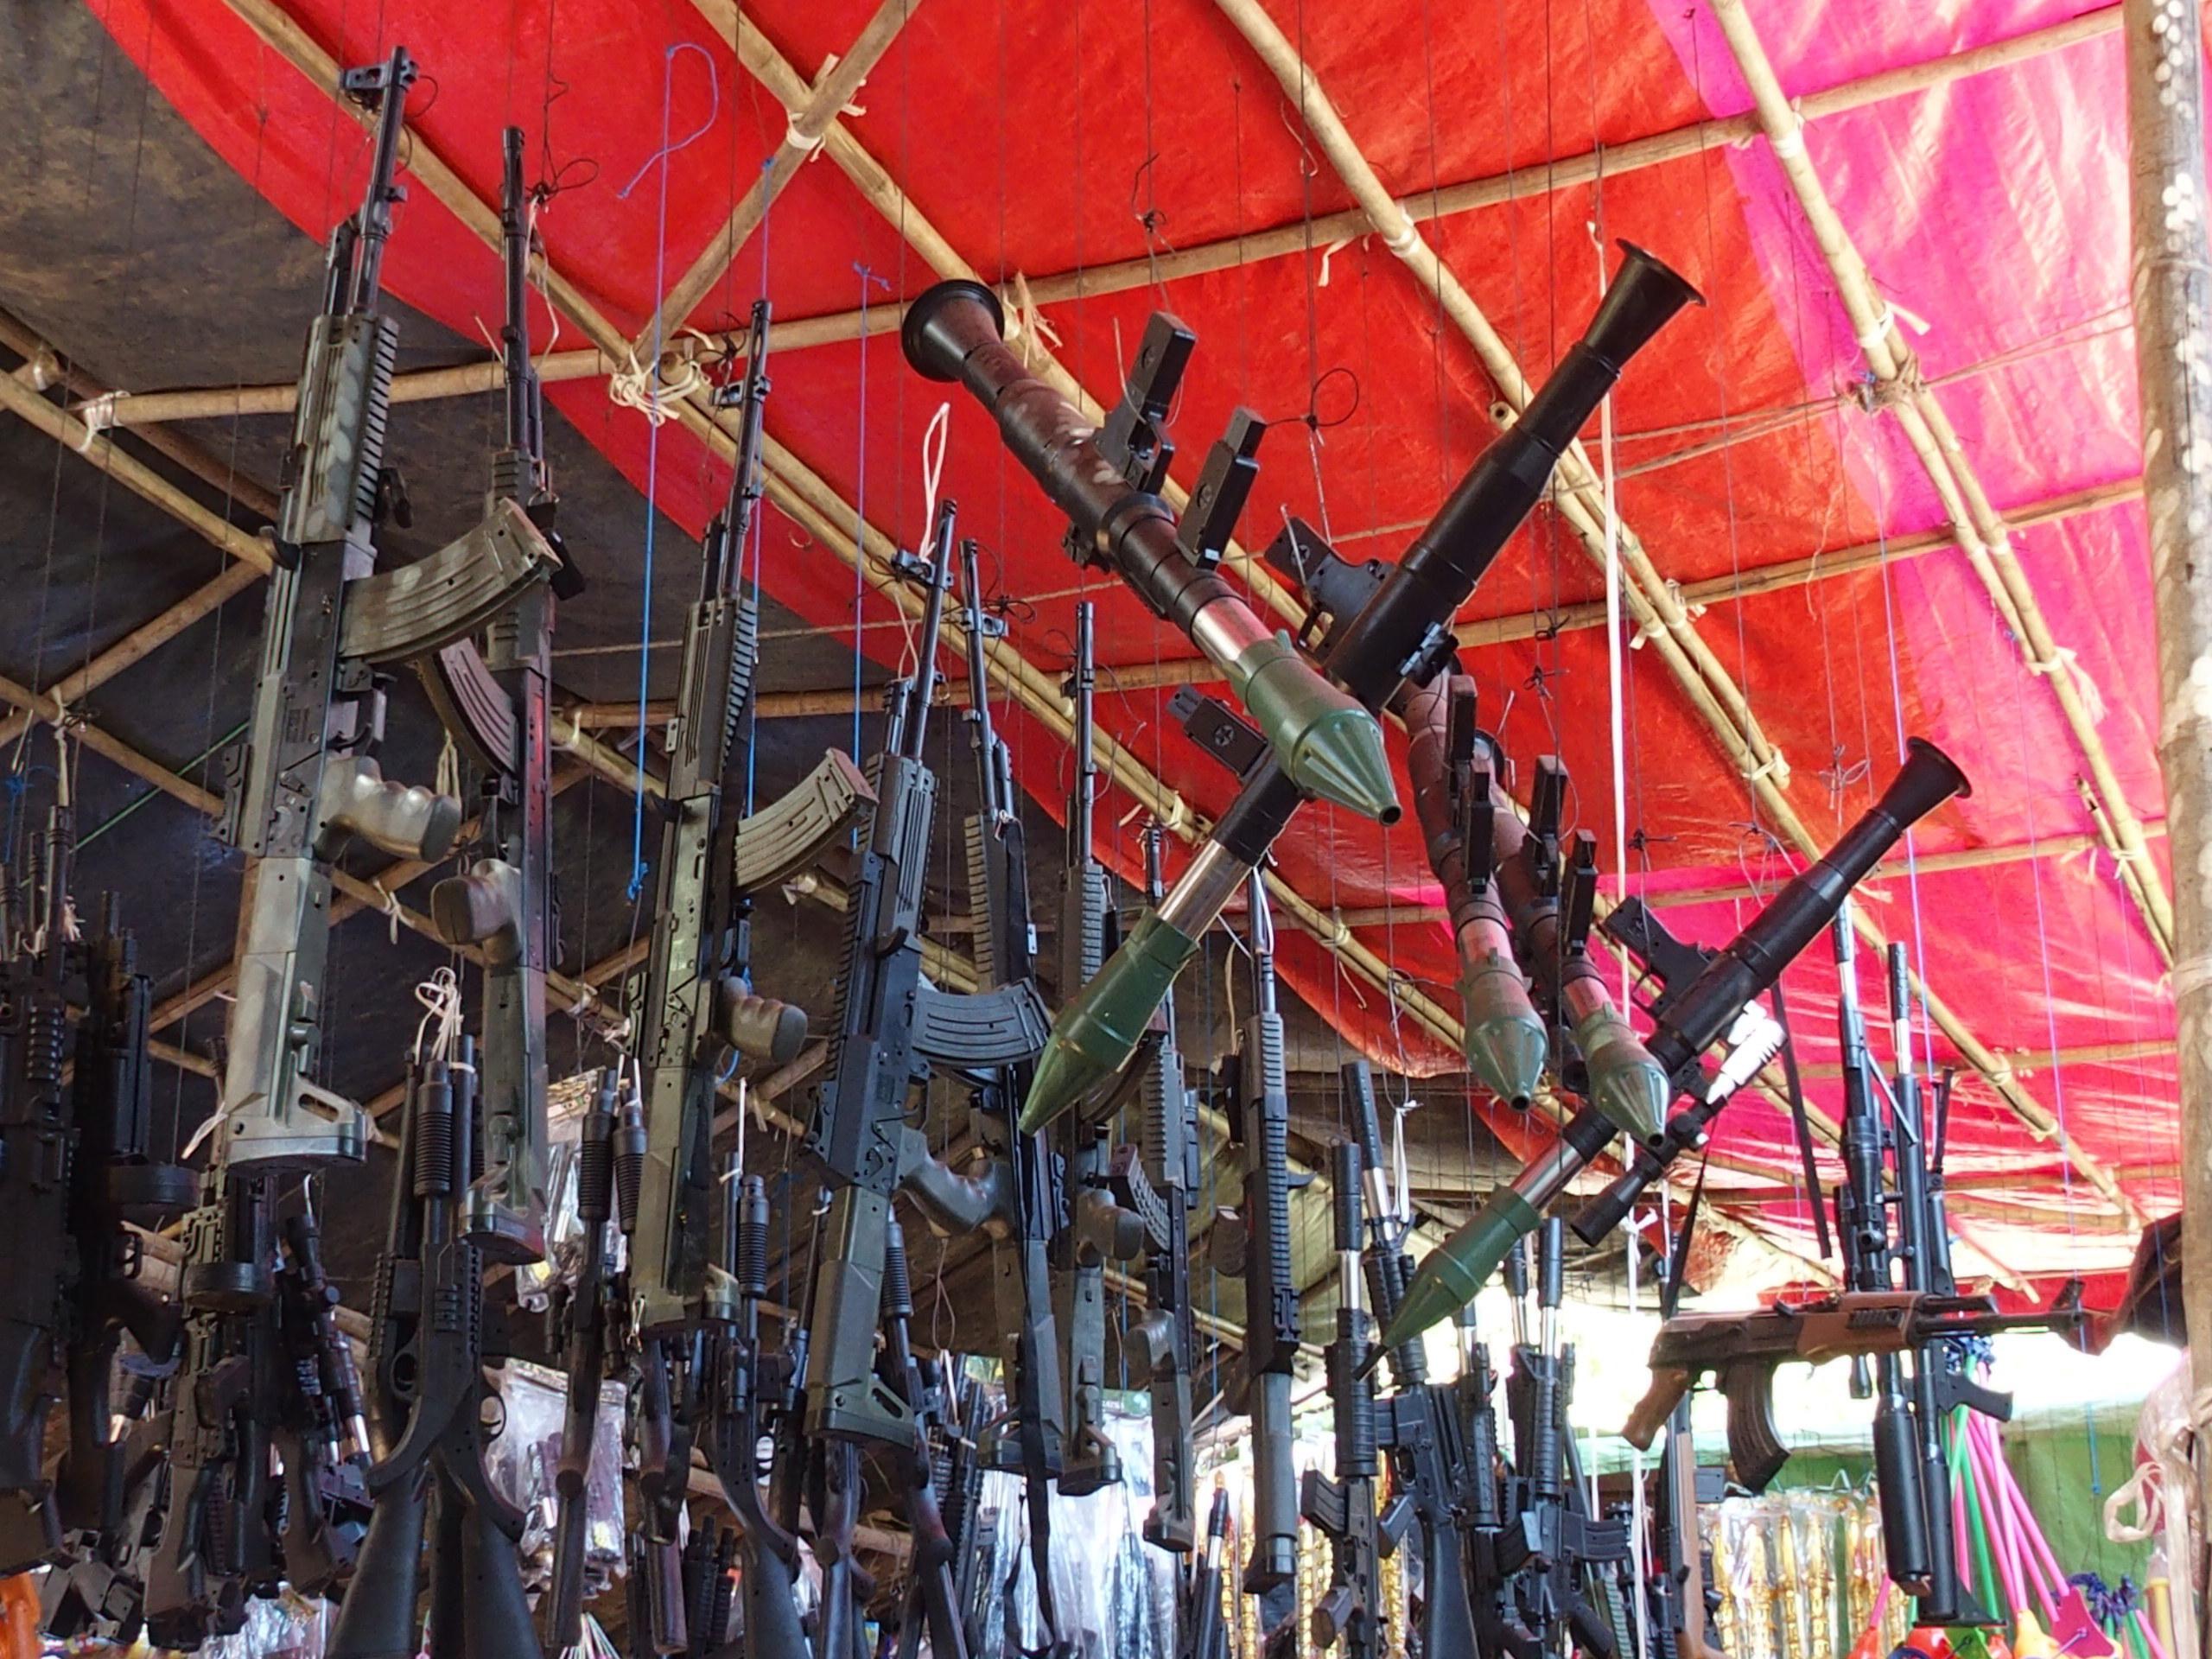 Vente-de-fusils-jouets-marché-de-Bagan-Myanmar